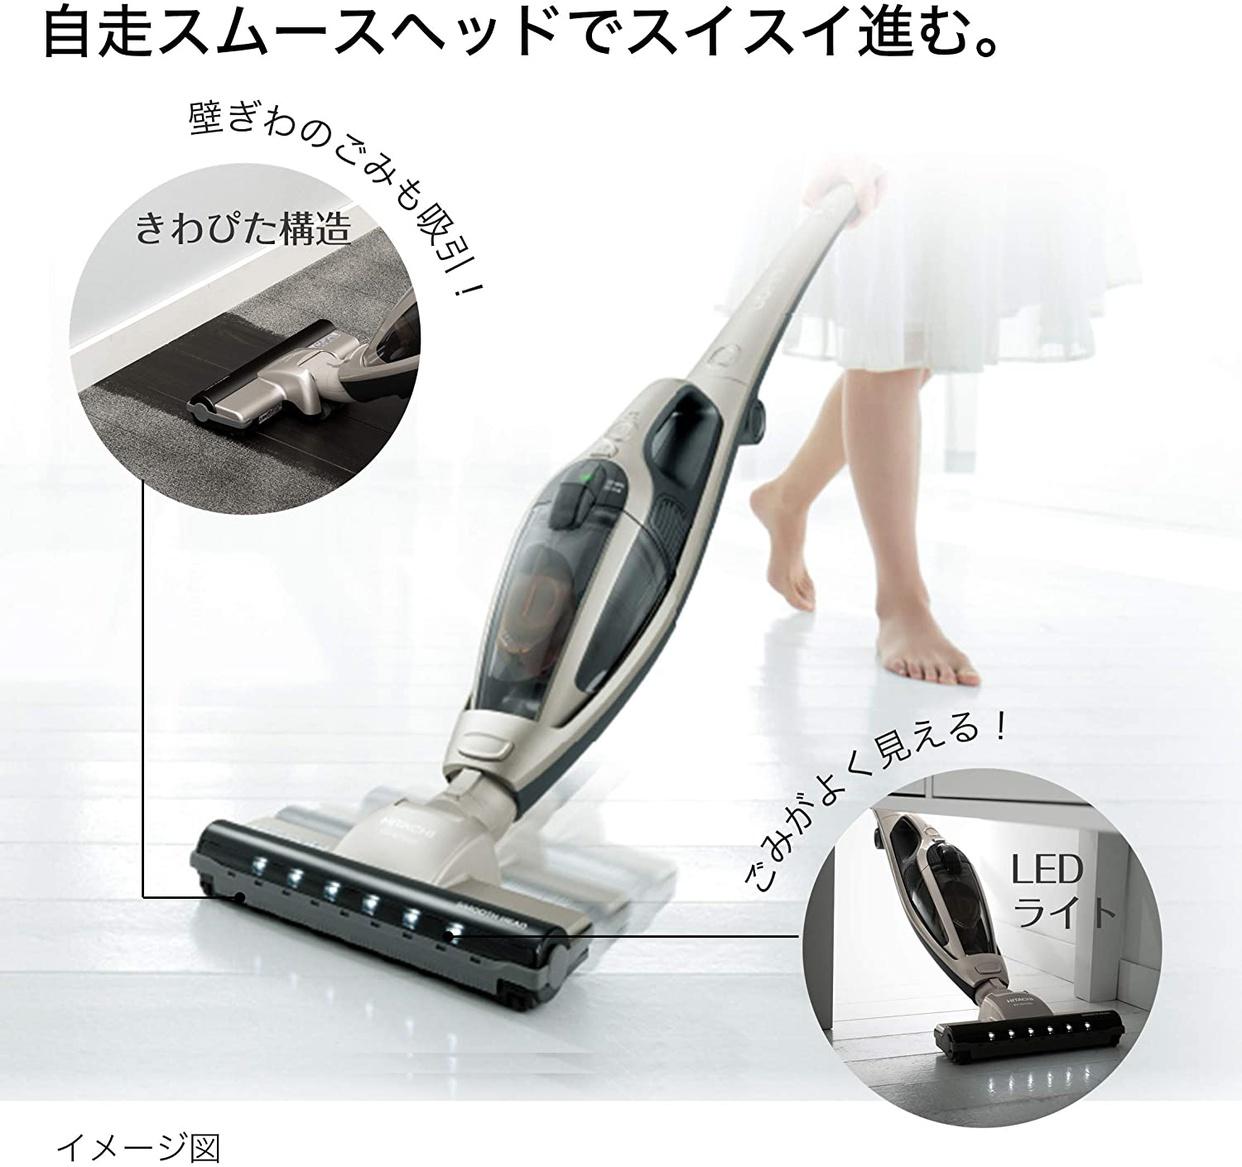 日立(HITACHI) スティッククリーナー(コードレス式) PV-B200Gの商品画像2